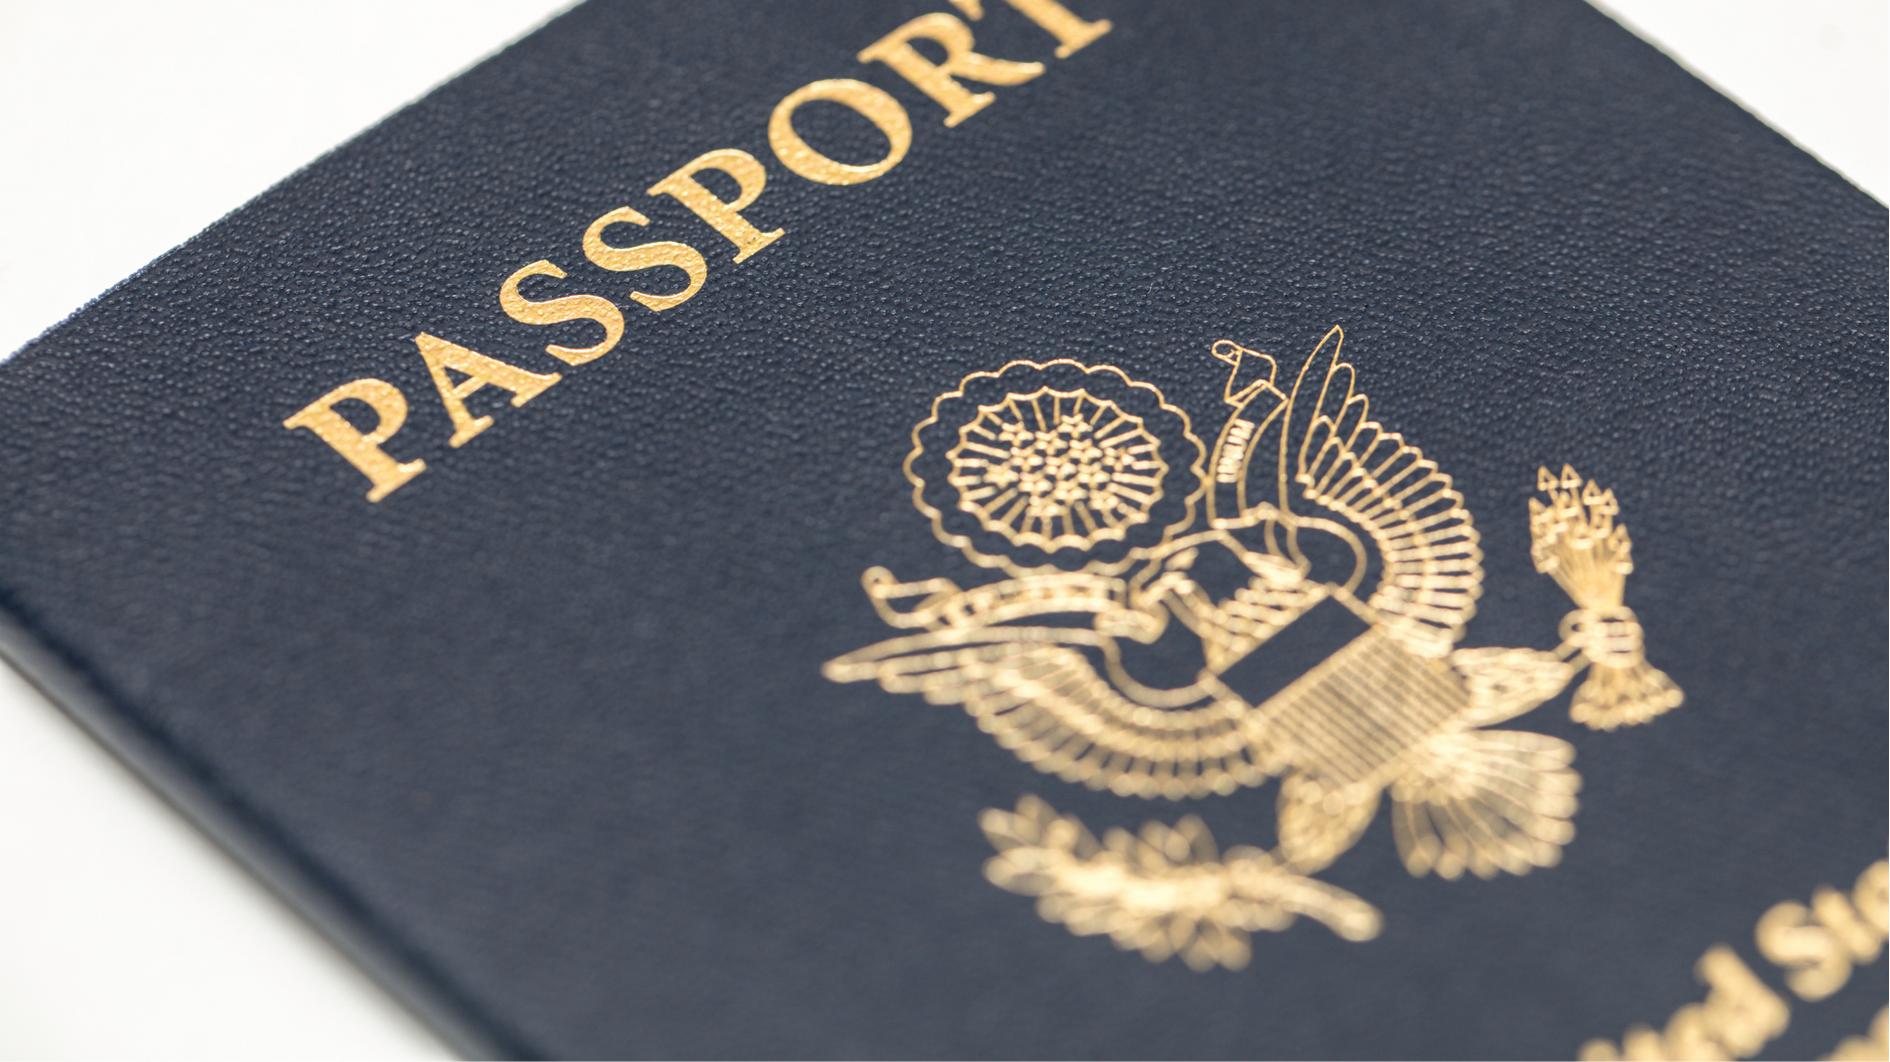 Blue U.S.A. passport book.